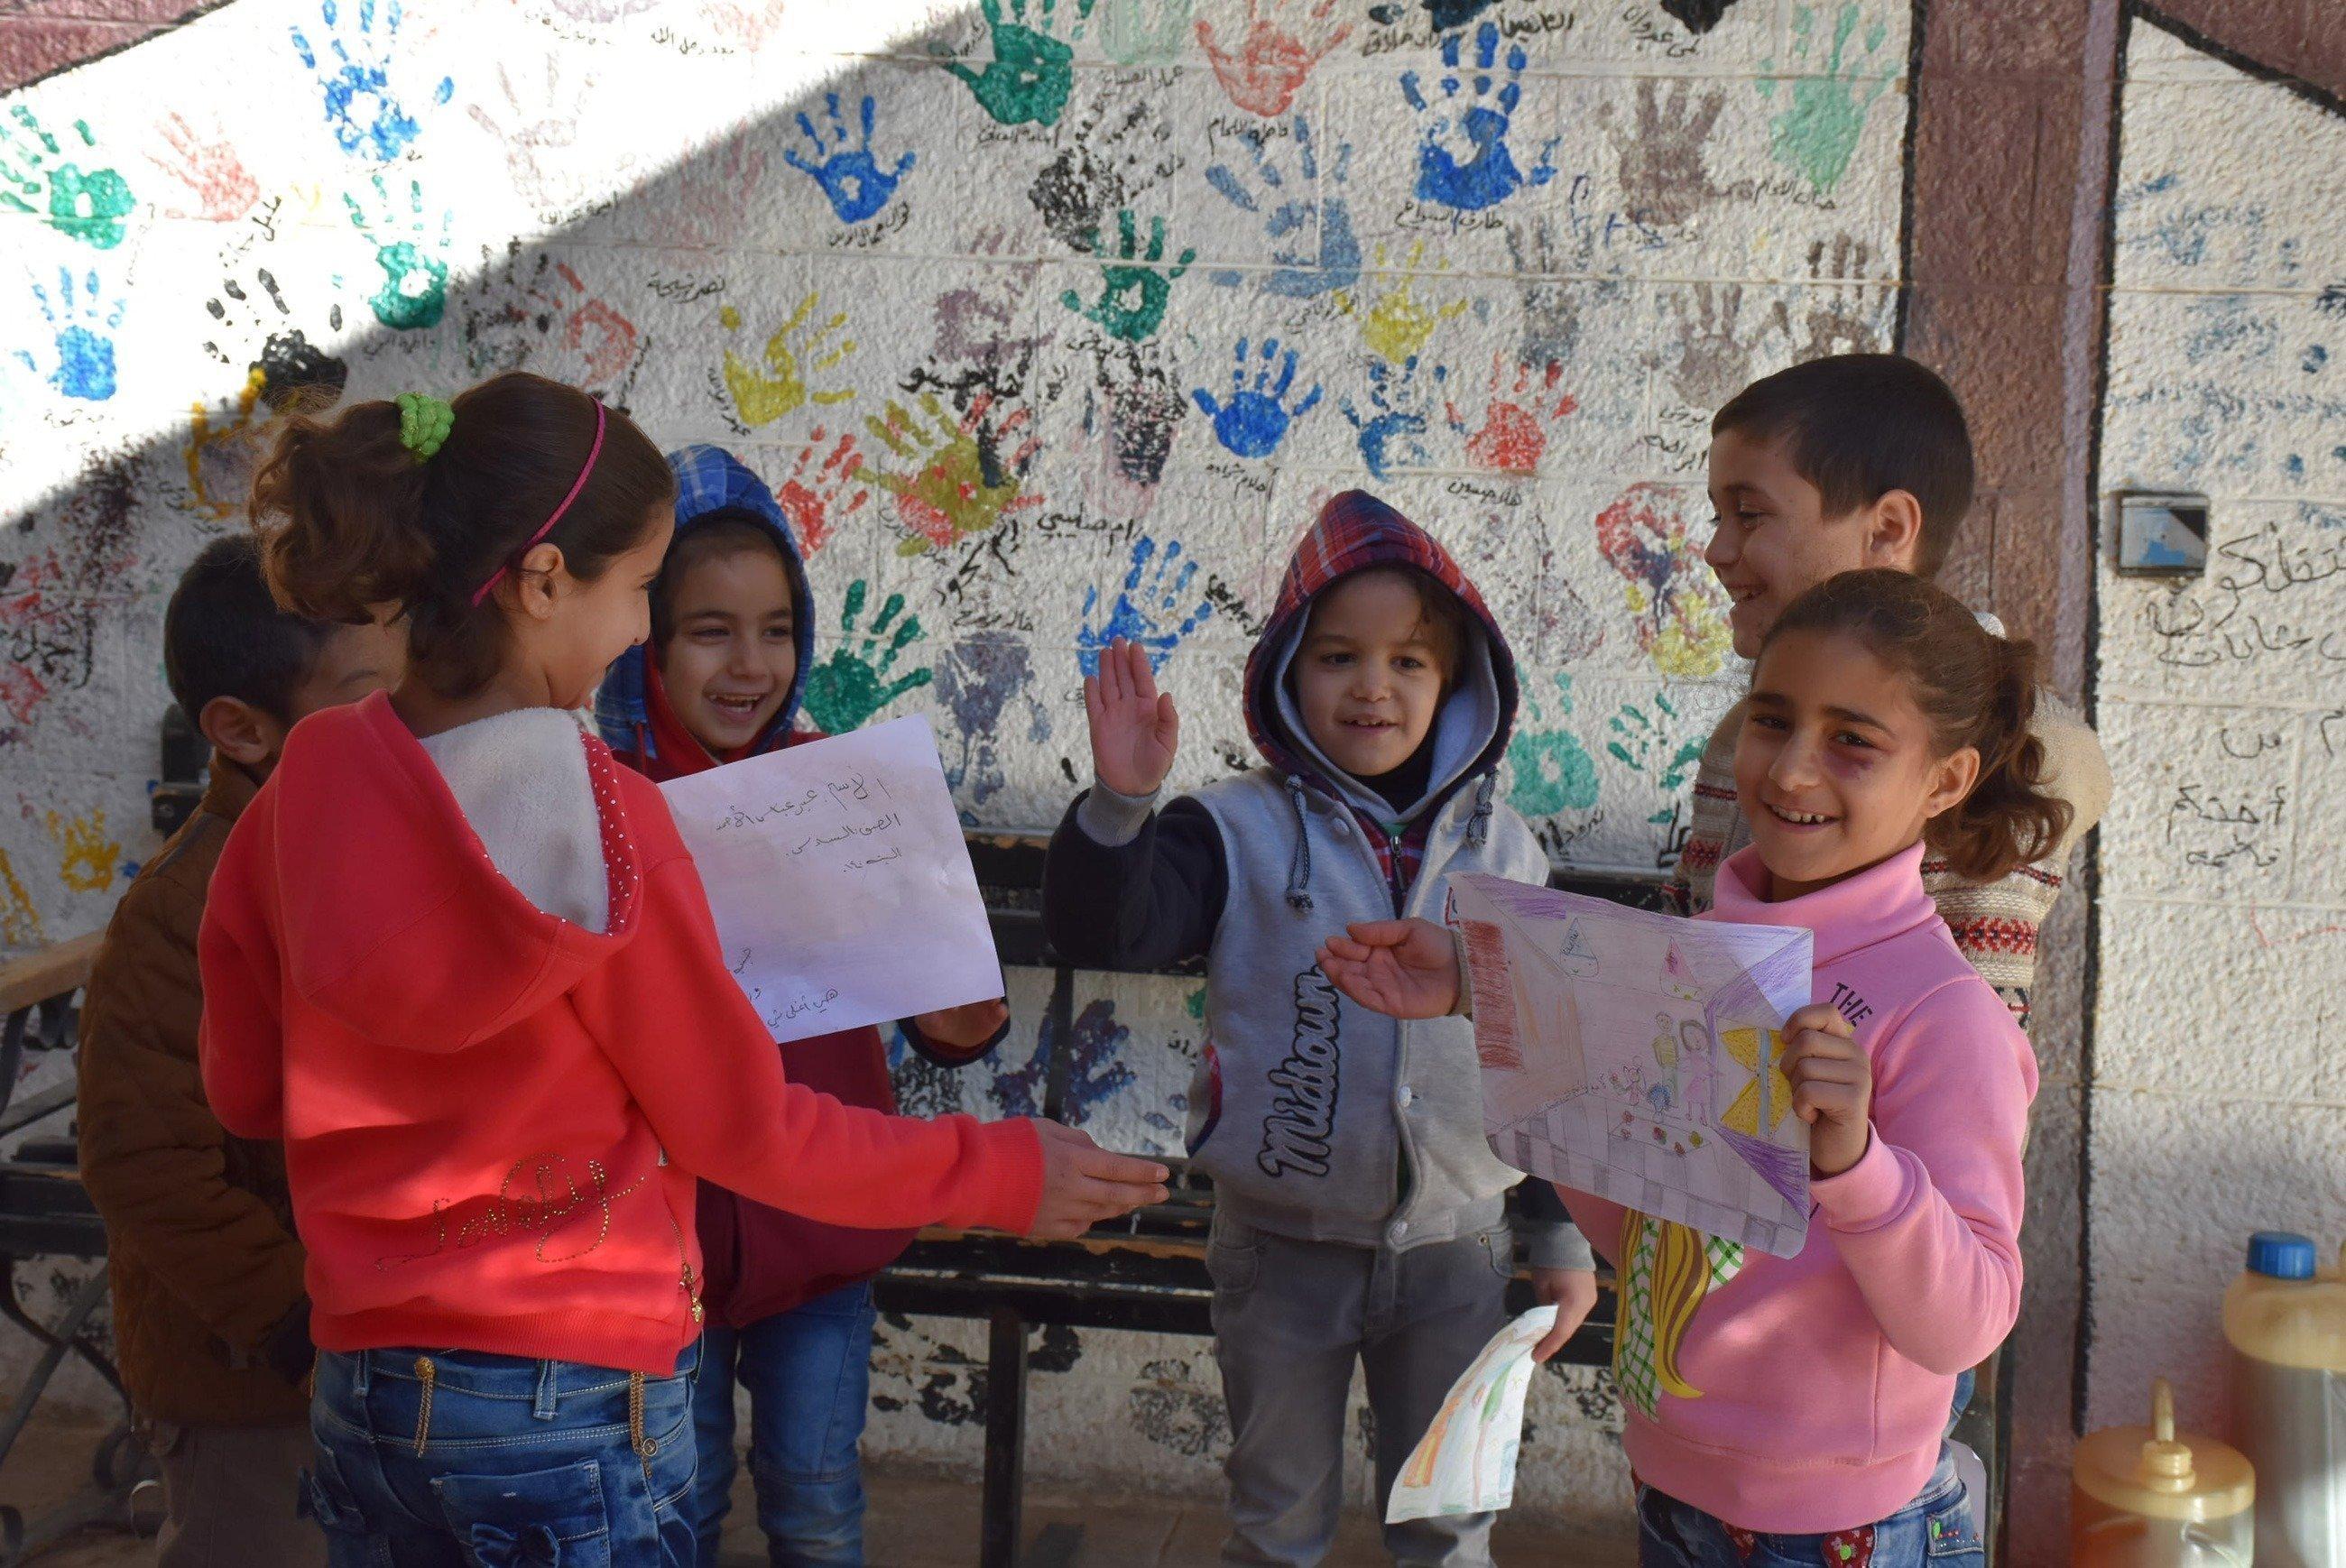 I bambini giocano con colori a dita.